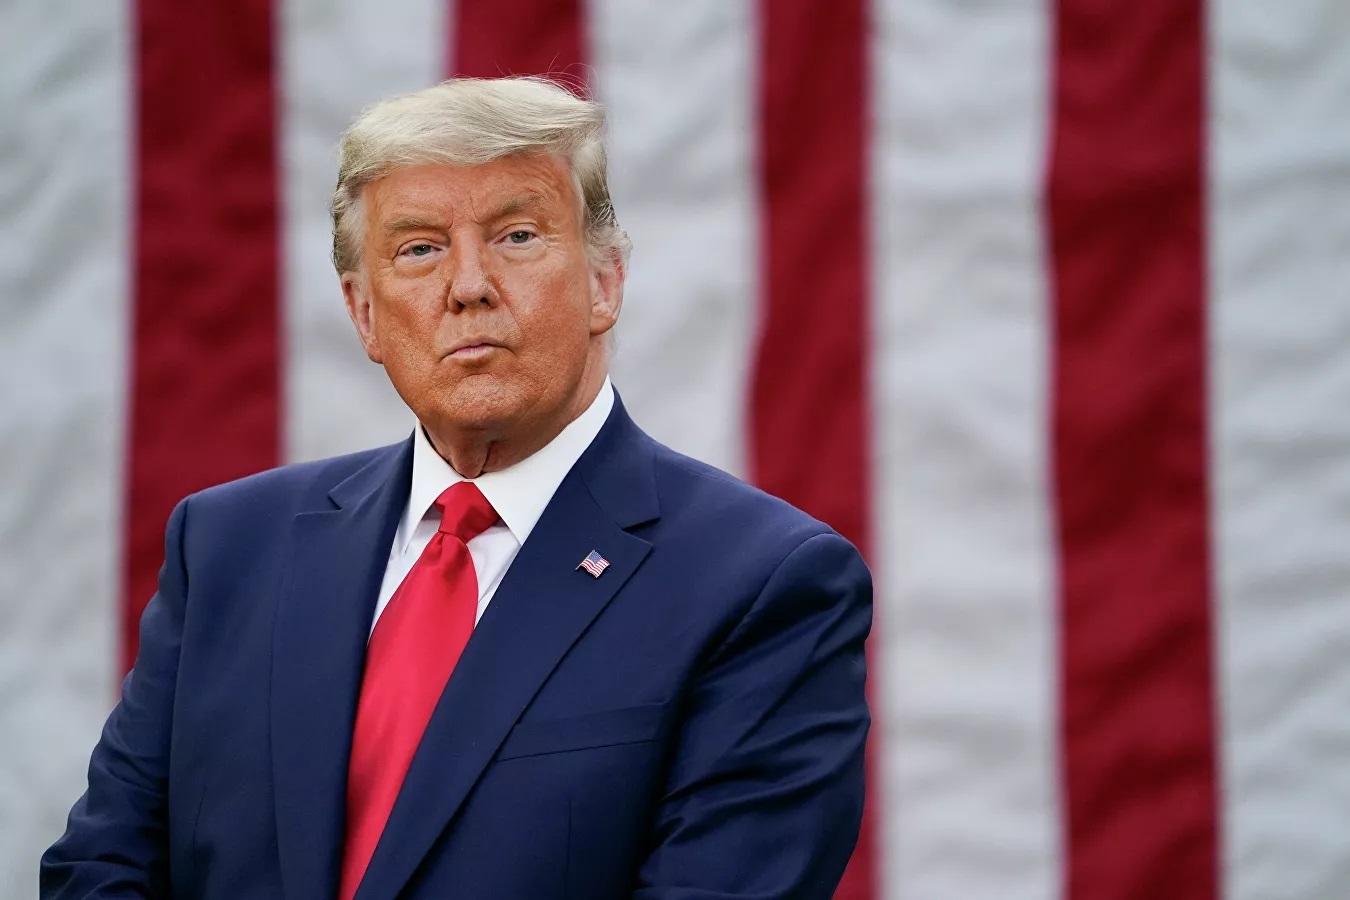 Lầu Năm Góc lo ngại về những ngày cuối cầm quyền của ông Trump